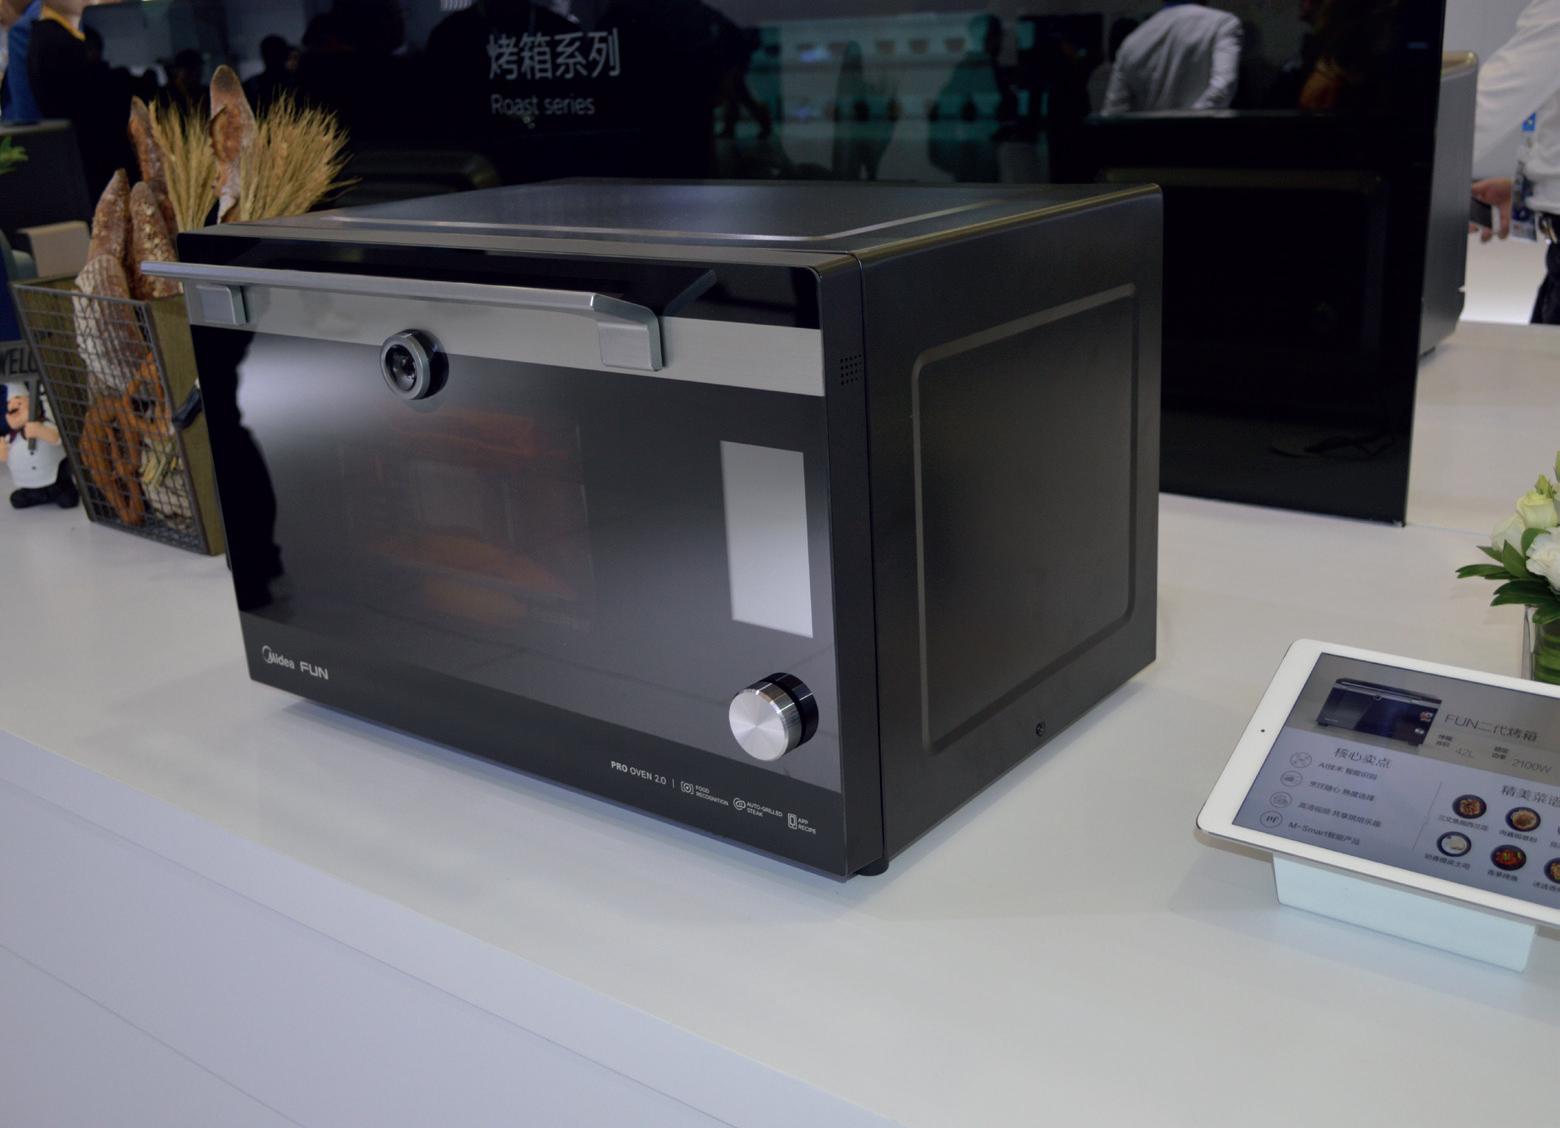 驻立式电烤箱行业标准已报批,发布日期待定